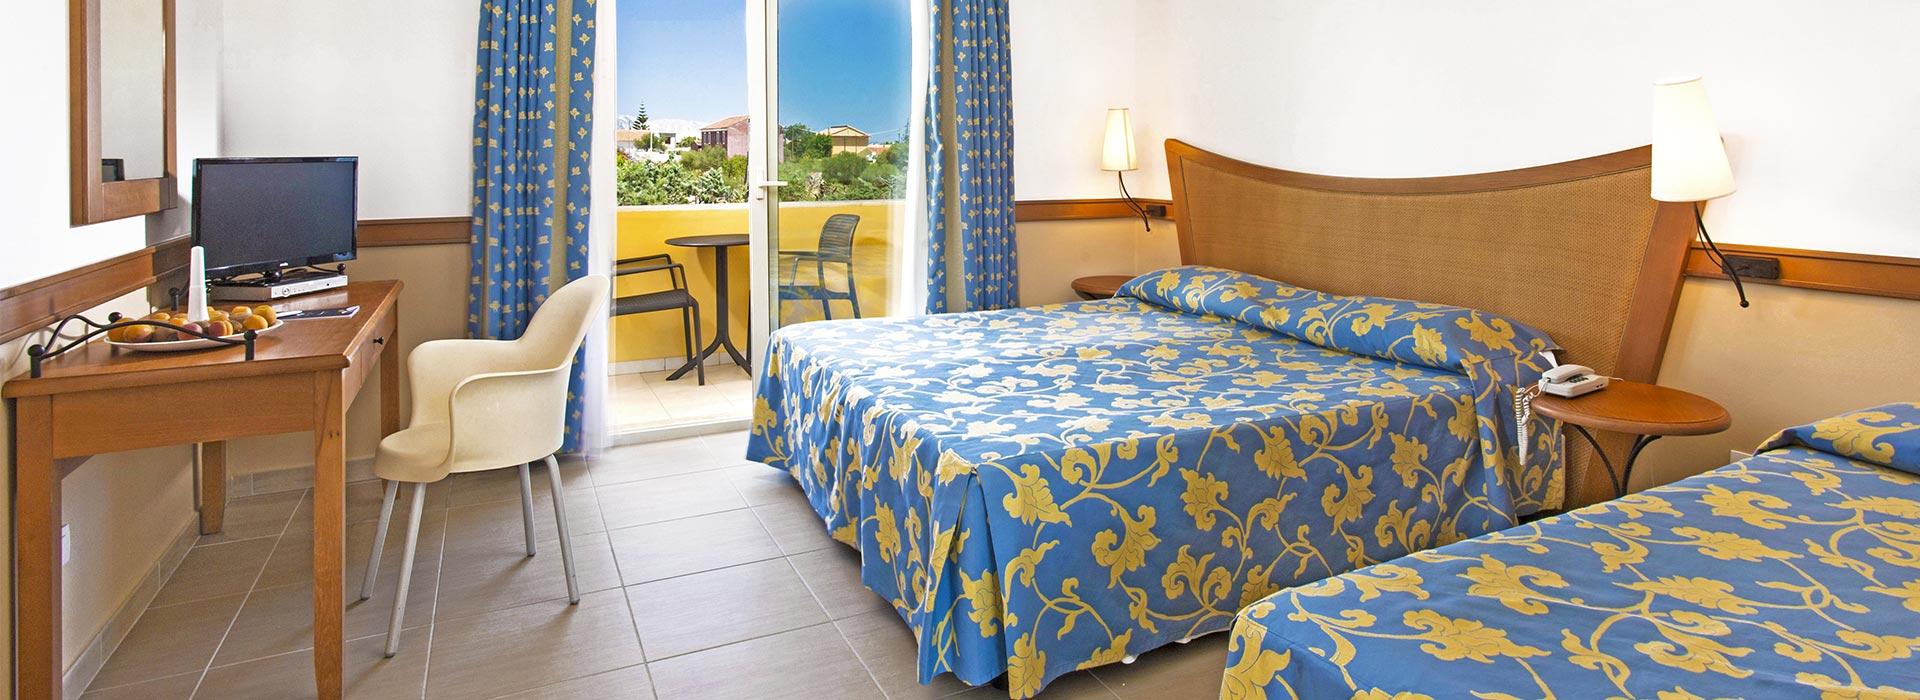 Appartamenti low cost, fino a 6 posti letto